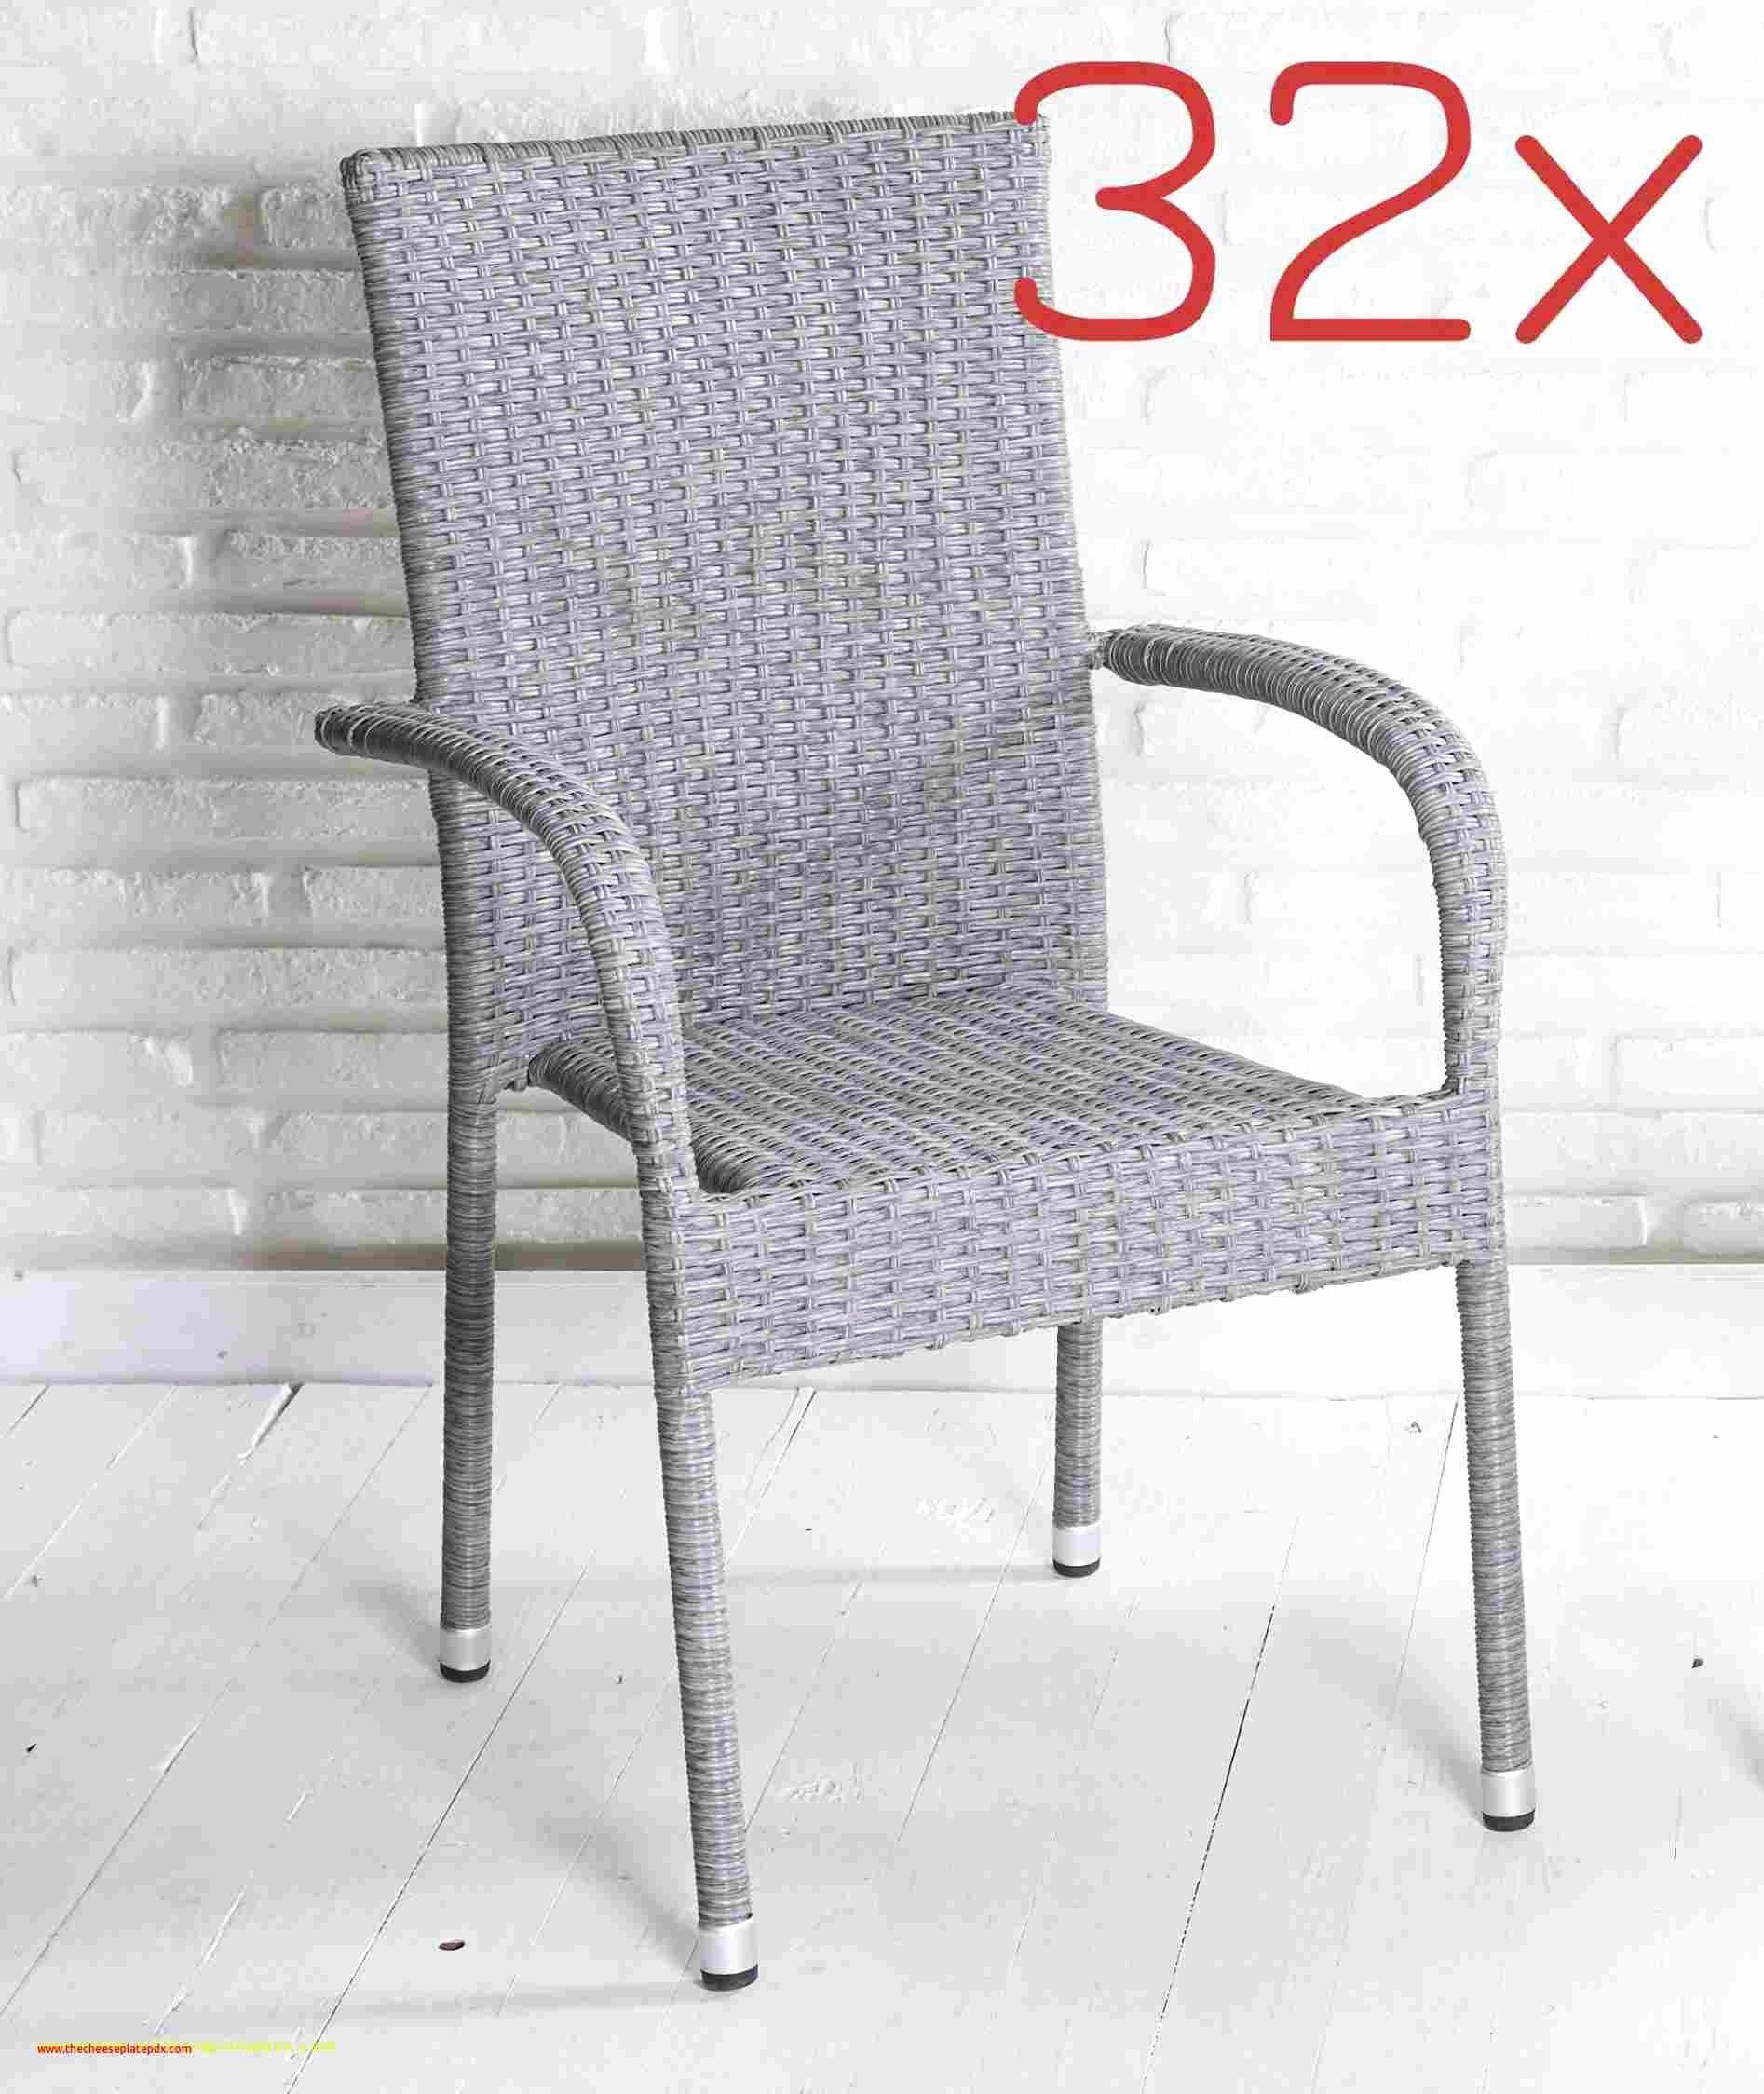 Full Size of Aldi Gartenliege Design 42 Zum Alu Relaxsessel Garten Wohnzimmer Aldi Gartenliege